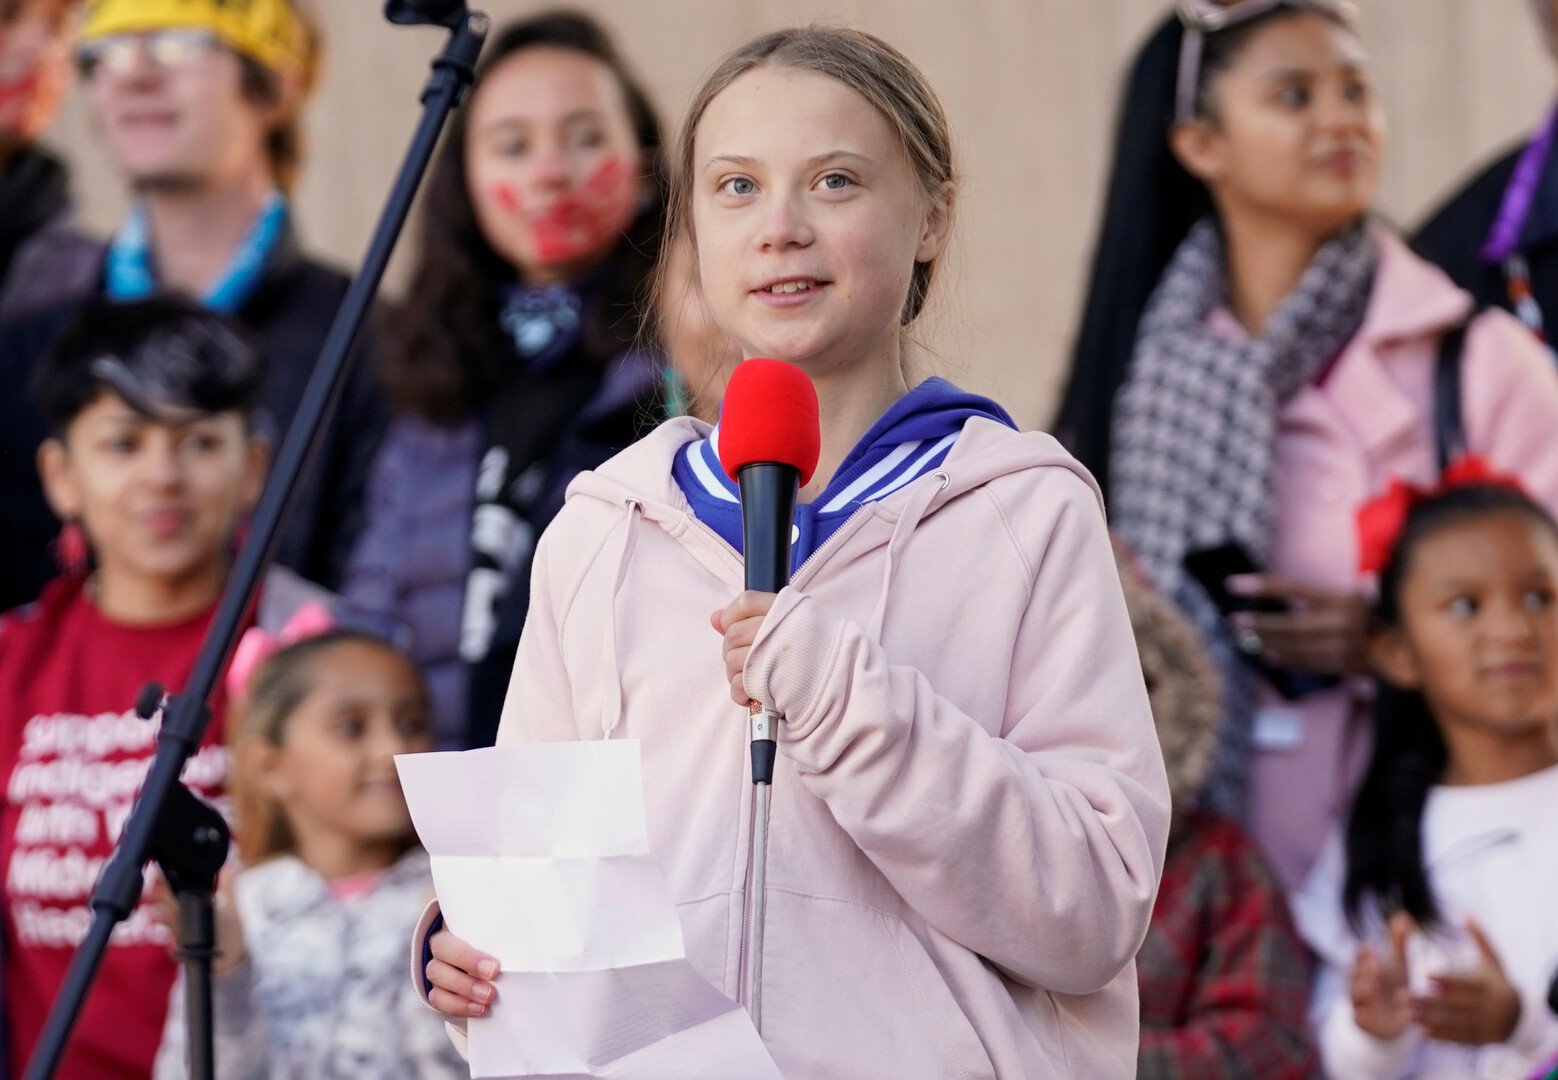 الناشطة السويدية غريتا تثير حفيظة عمال منشأة نفط كندية